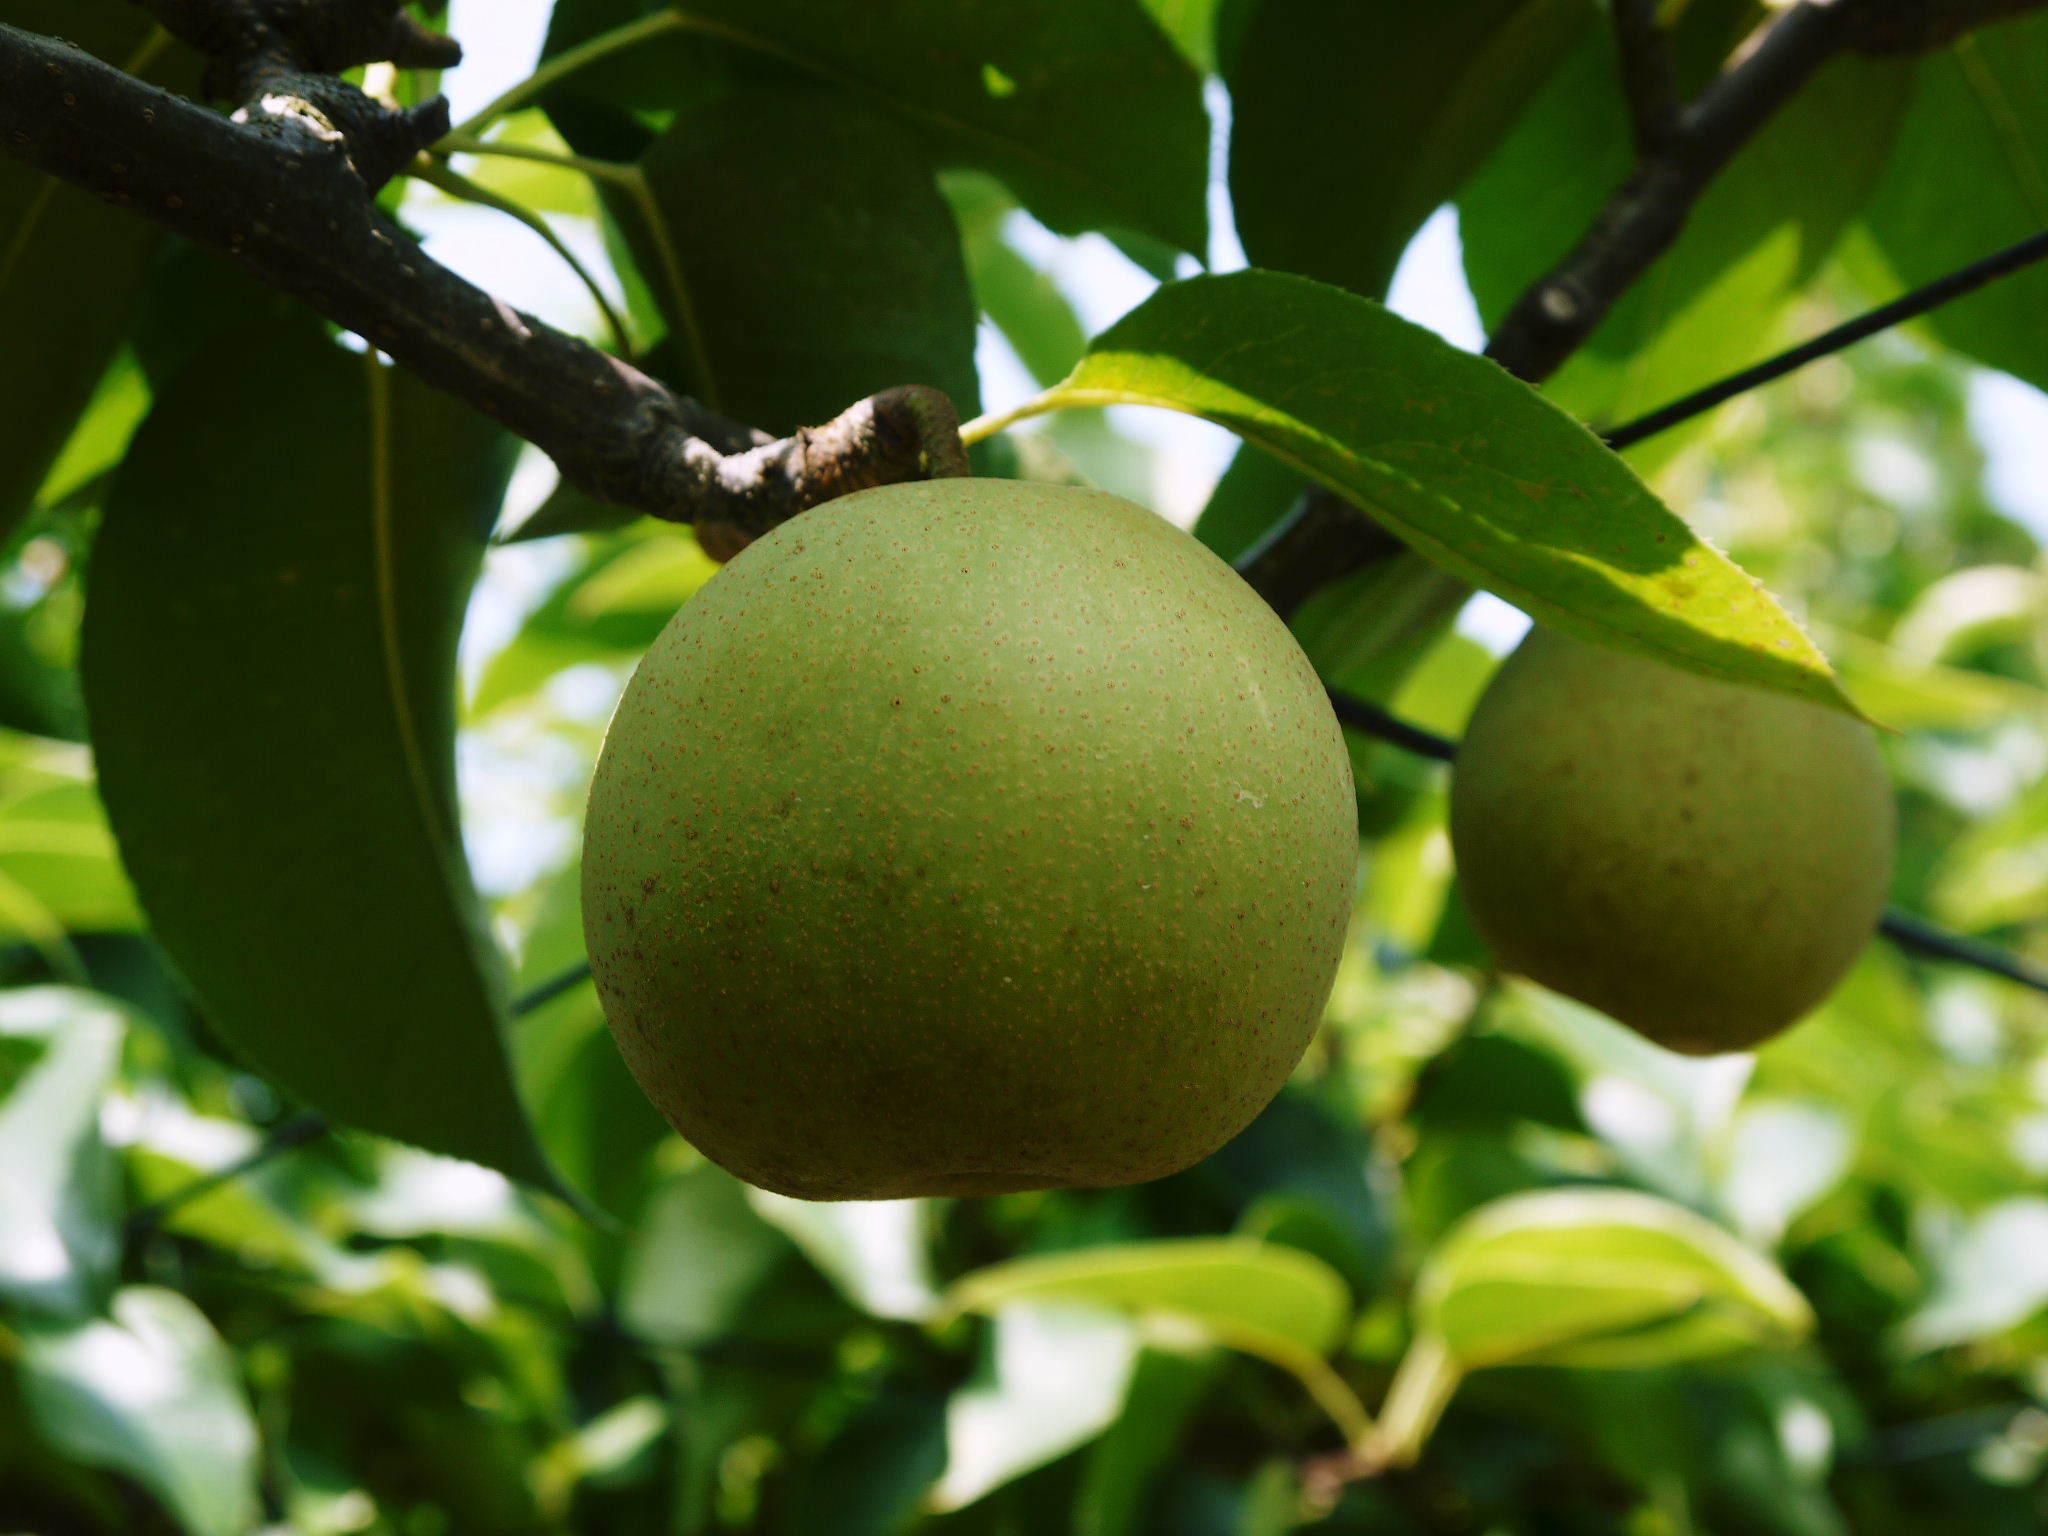 熊本梨 本藤果樹園 今年(令和3年)も元気に育つ梨園の様子!樹上完熟にこだわりお届けします!!_a0254656_16583139.jpg